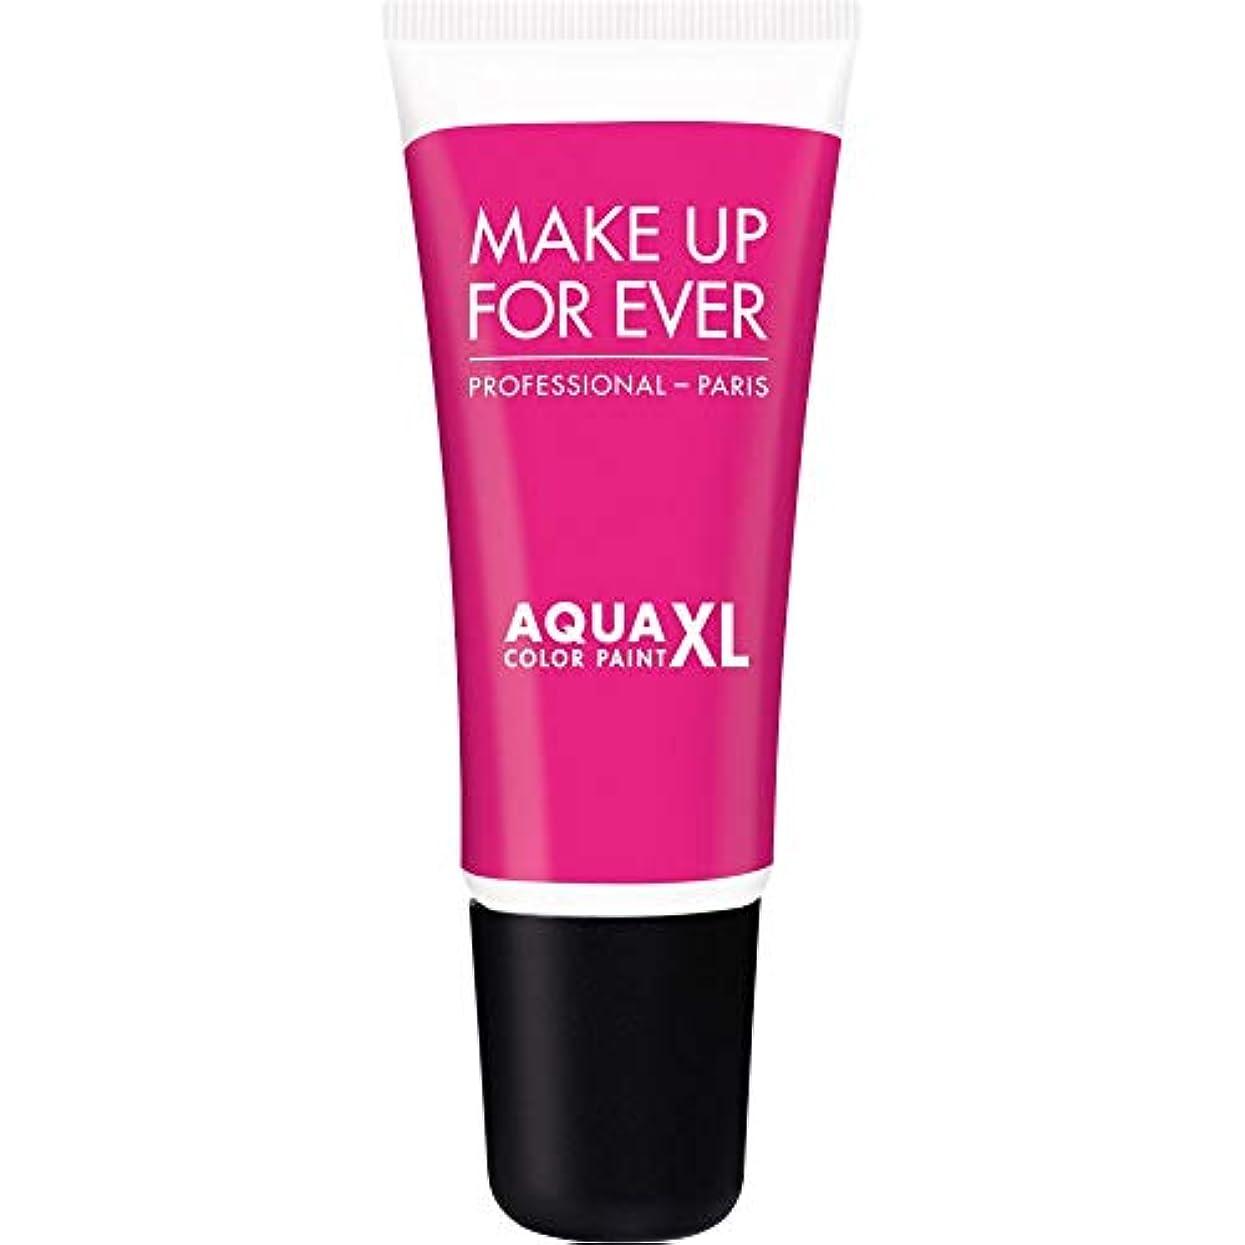 保証道徳の後ろ、背後、背面(部[MAKE UP FOR EVER] 防水アイシャドウ4.8ミリリットルのM-82 - - マットFuschia史上アクアXl色の塗料を補います - MAKE UP FOR EVER Aqua XL Color Paint...